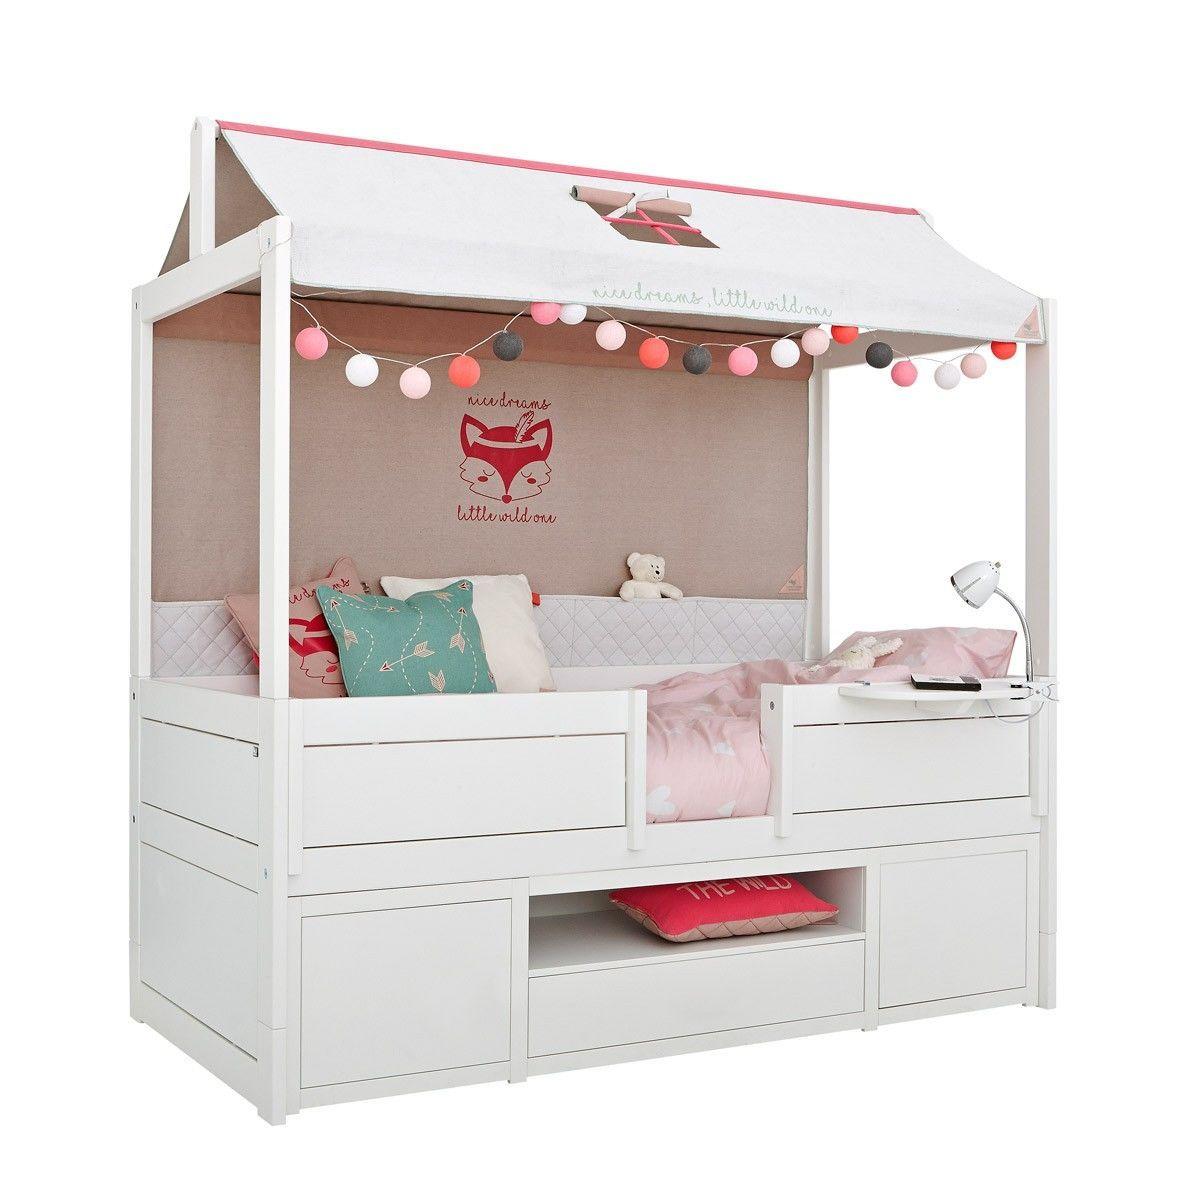 Kojenbett Als Wild Child Baldachinbett Mit Regalmodul In Drei Farben Erhaltlich Cabin Beds For Kids Cabin Bed Solid Wood Wardrobes